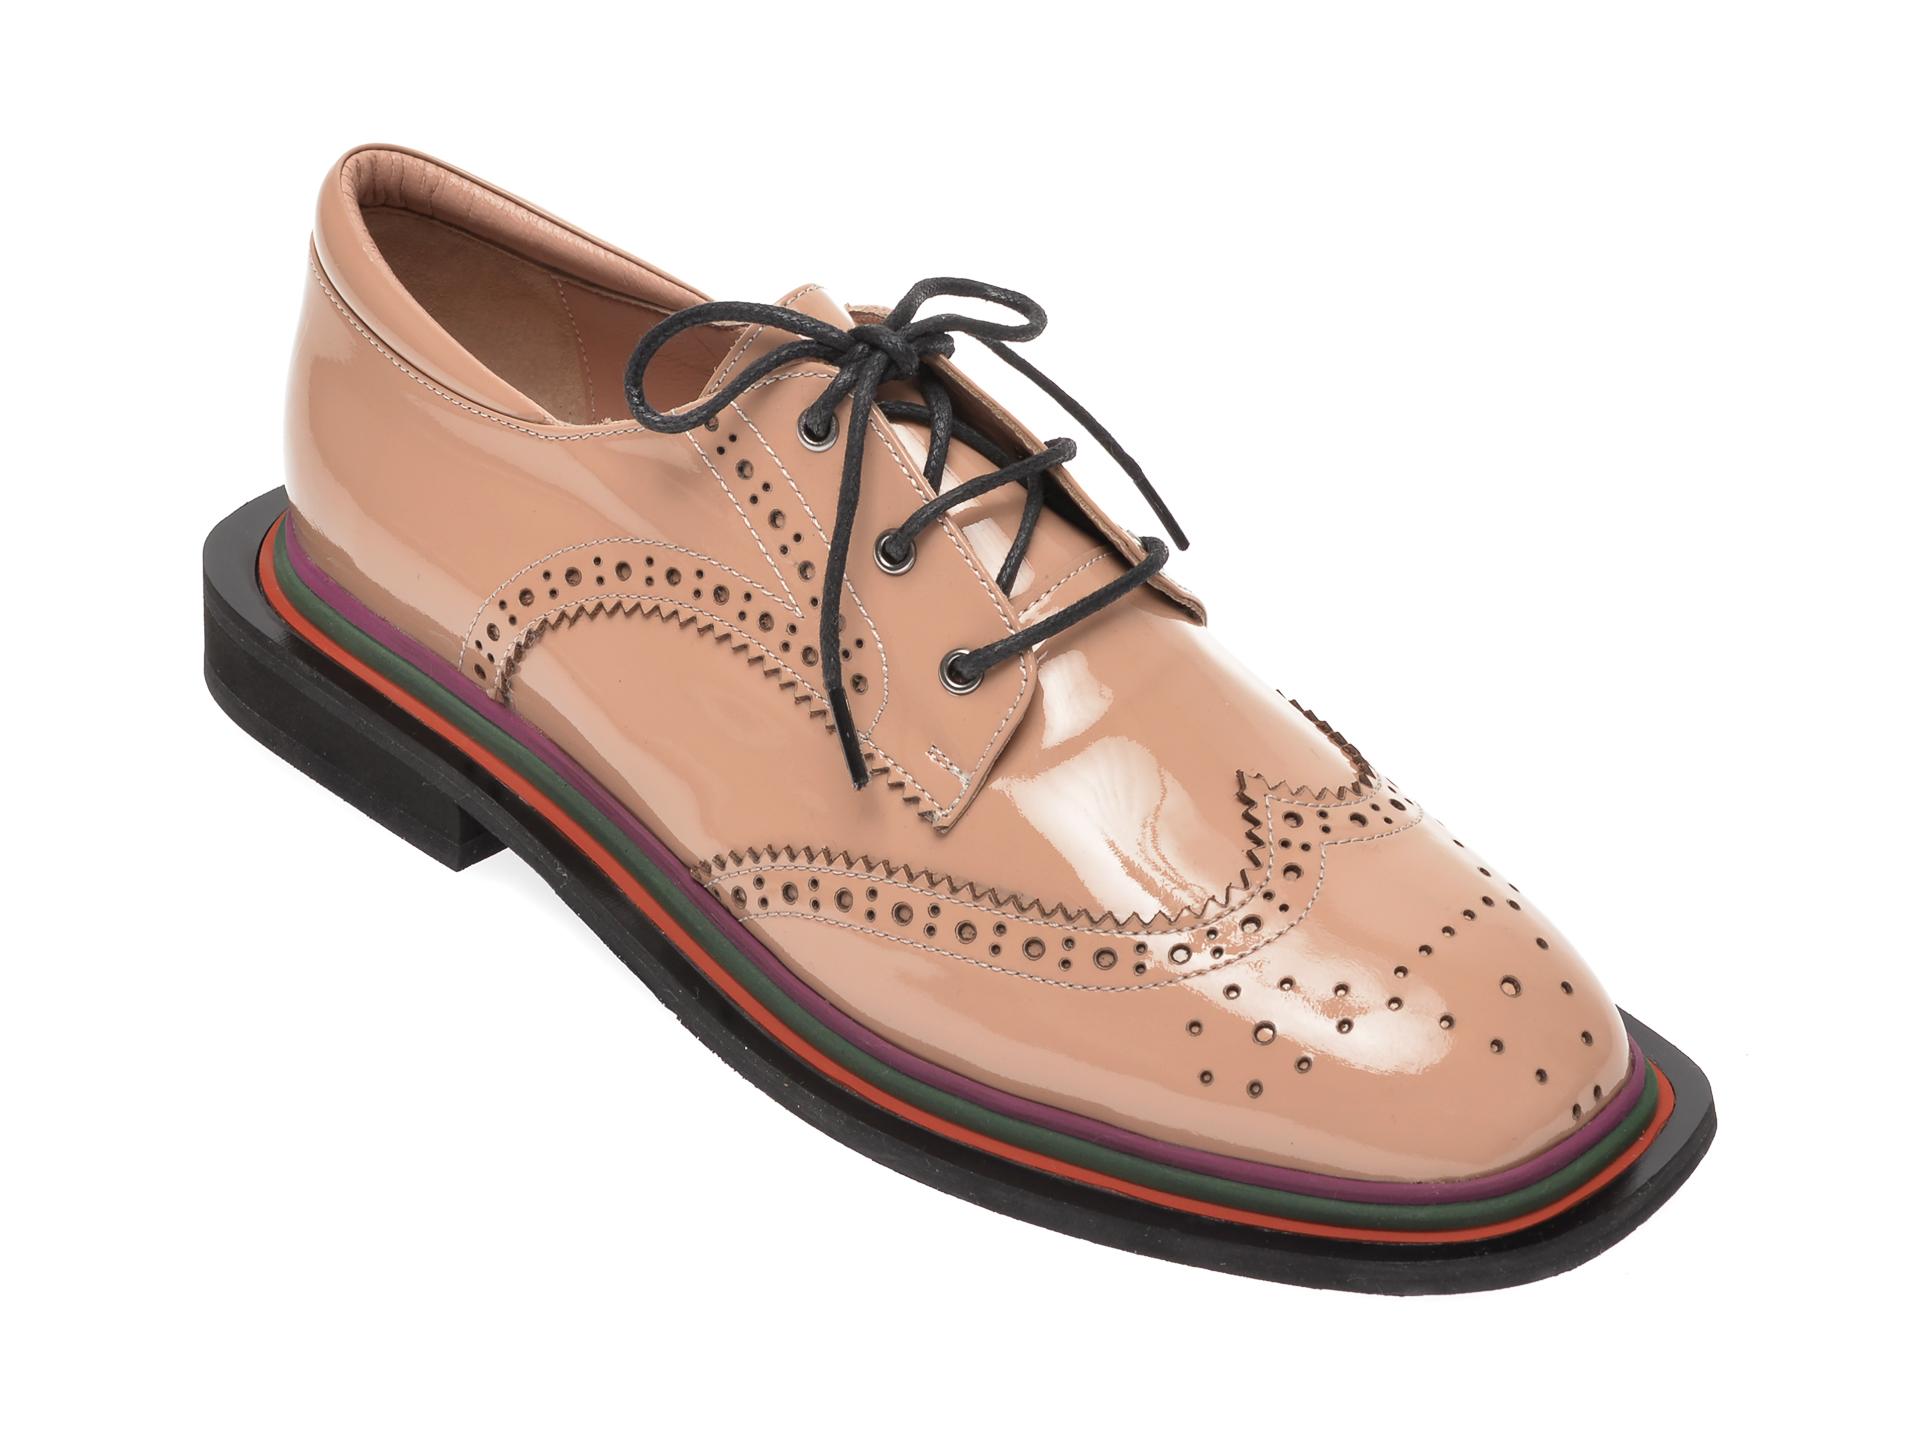 Pantofi FLAVIA PASSINI nude, 870BAN, din piele naturala lacuita